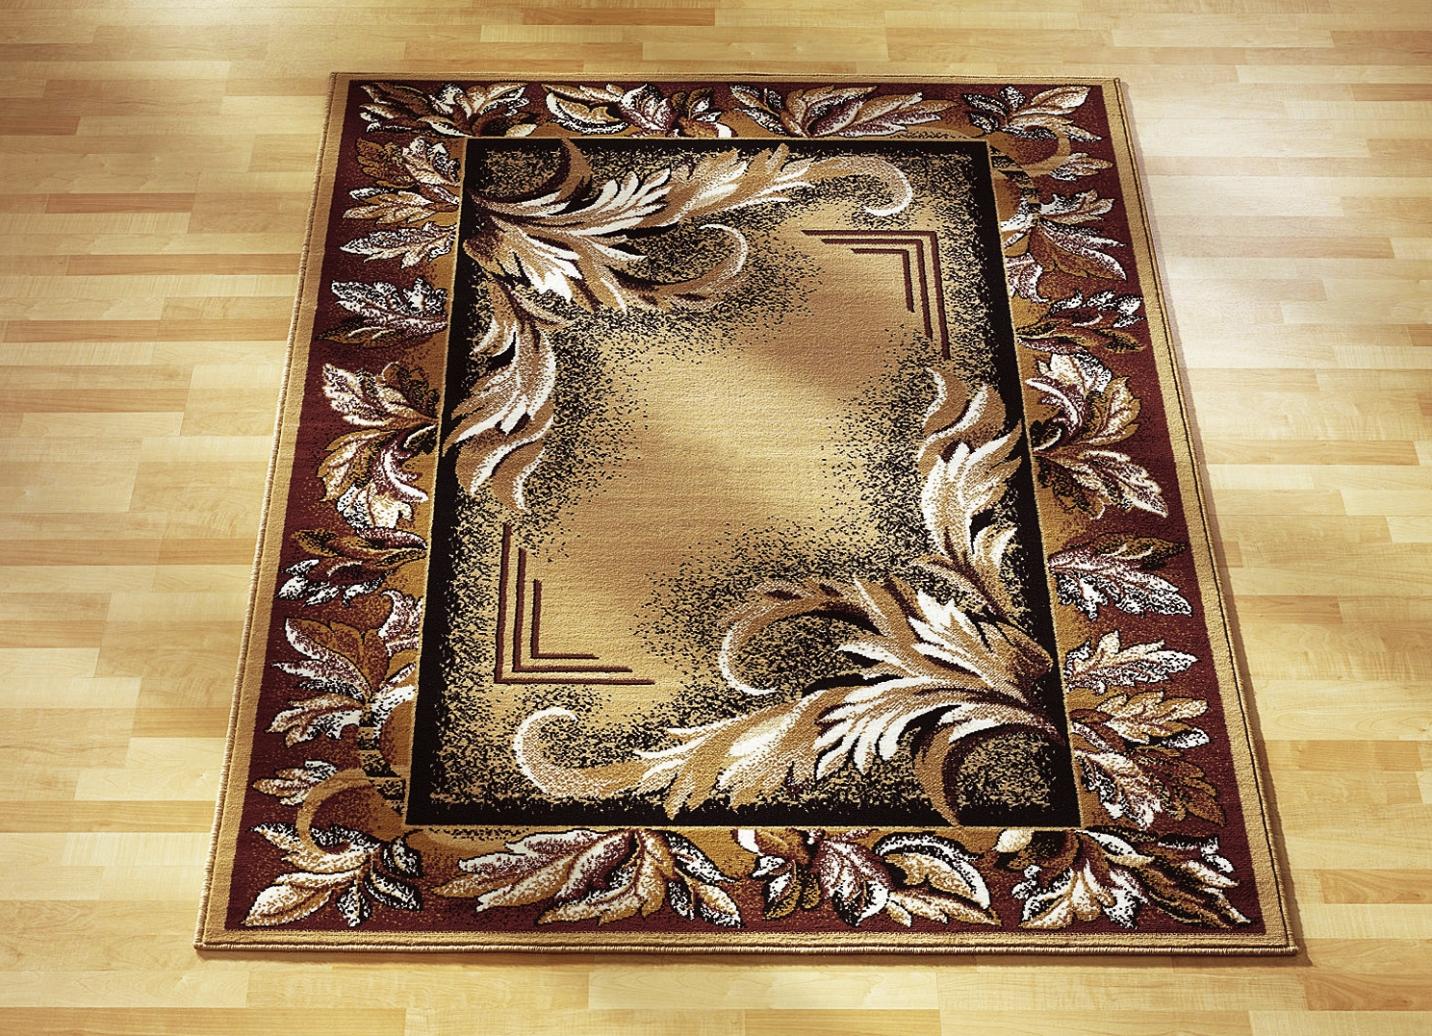 br cken teppiche und bettumrandung mit floralem dessin teppiche bader. Black Bedroom Furniture Sets. Home Design Ideas